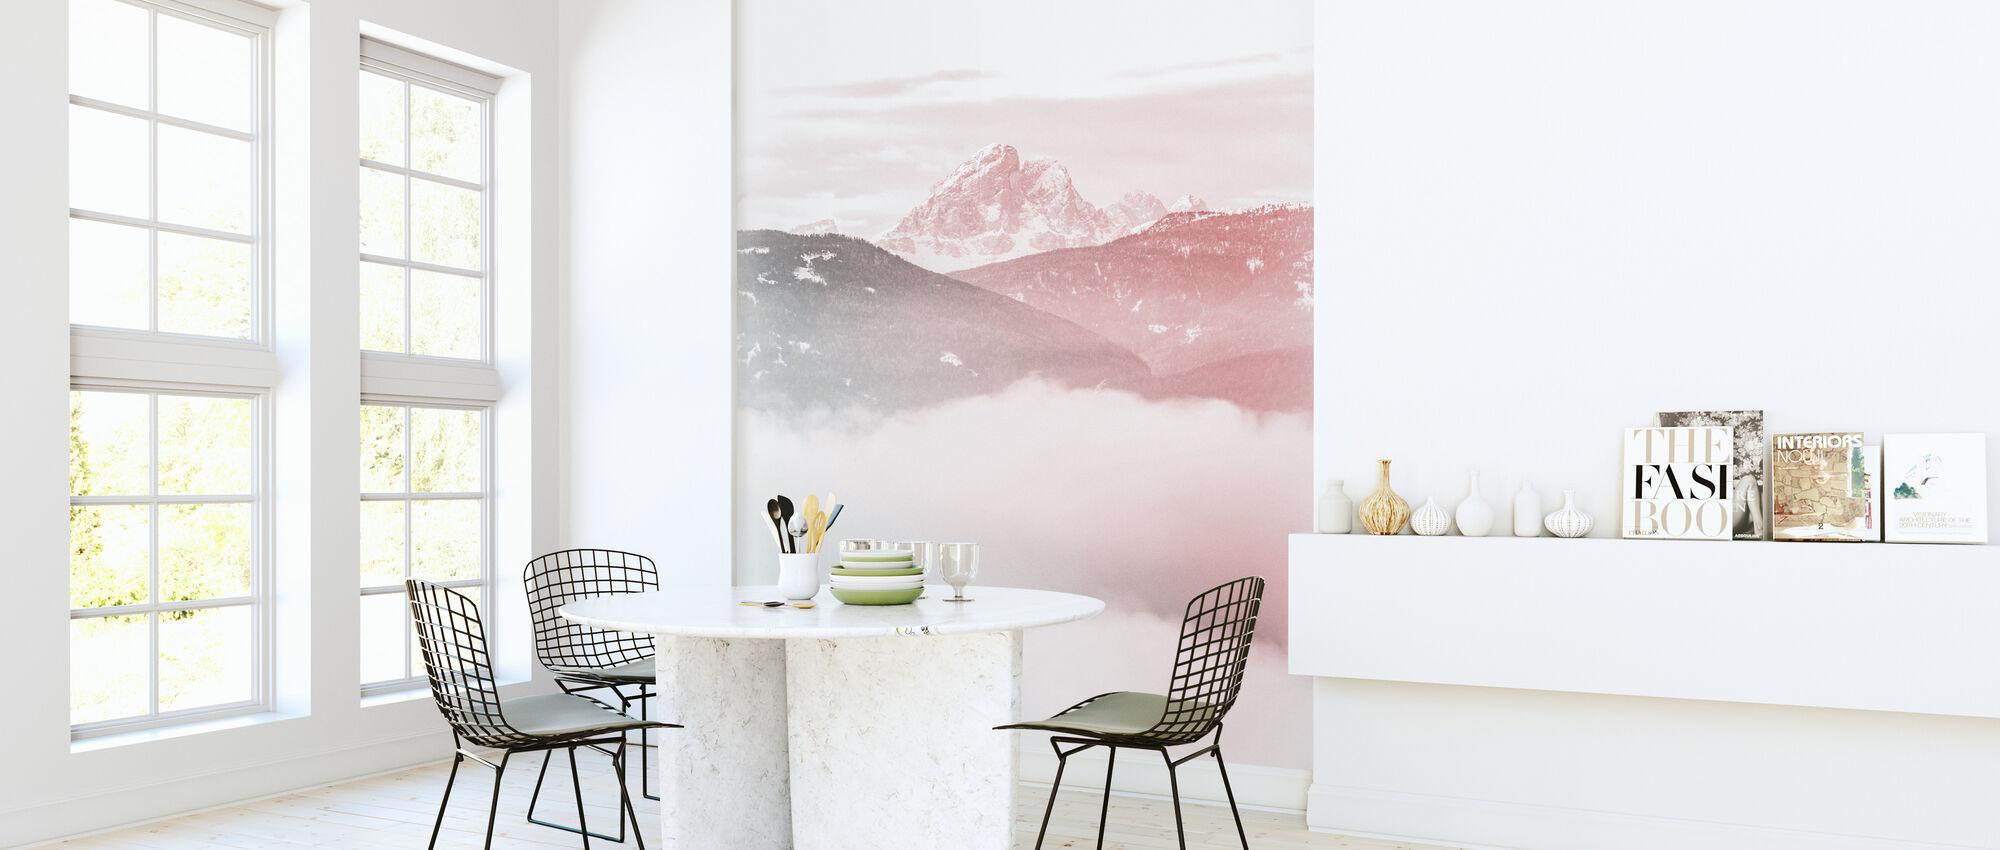 Dawn of Dusk - Wallpaper - Kitchen